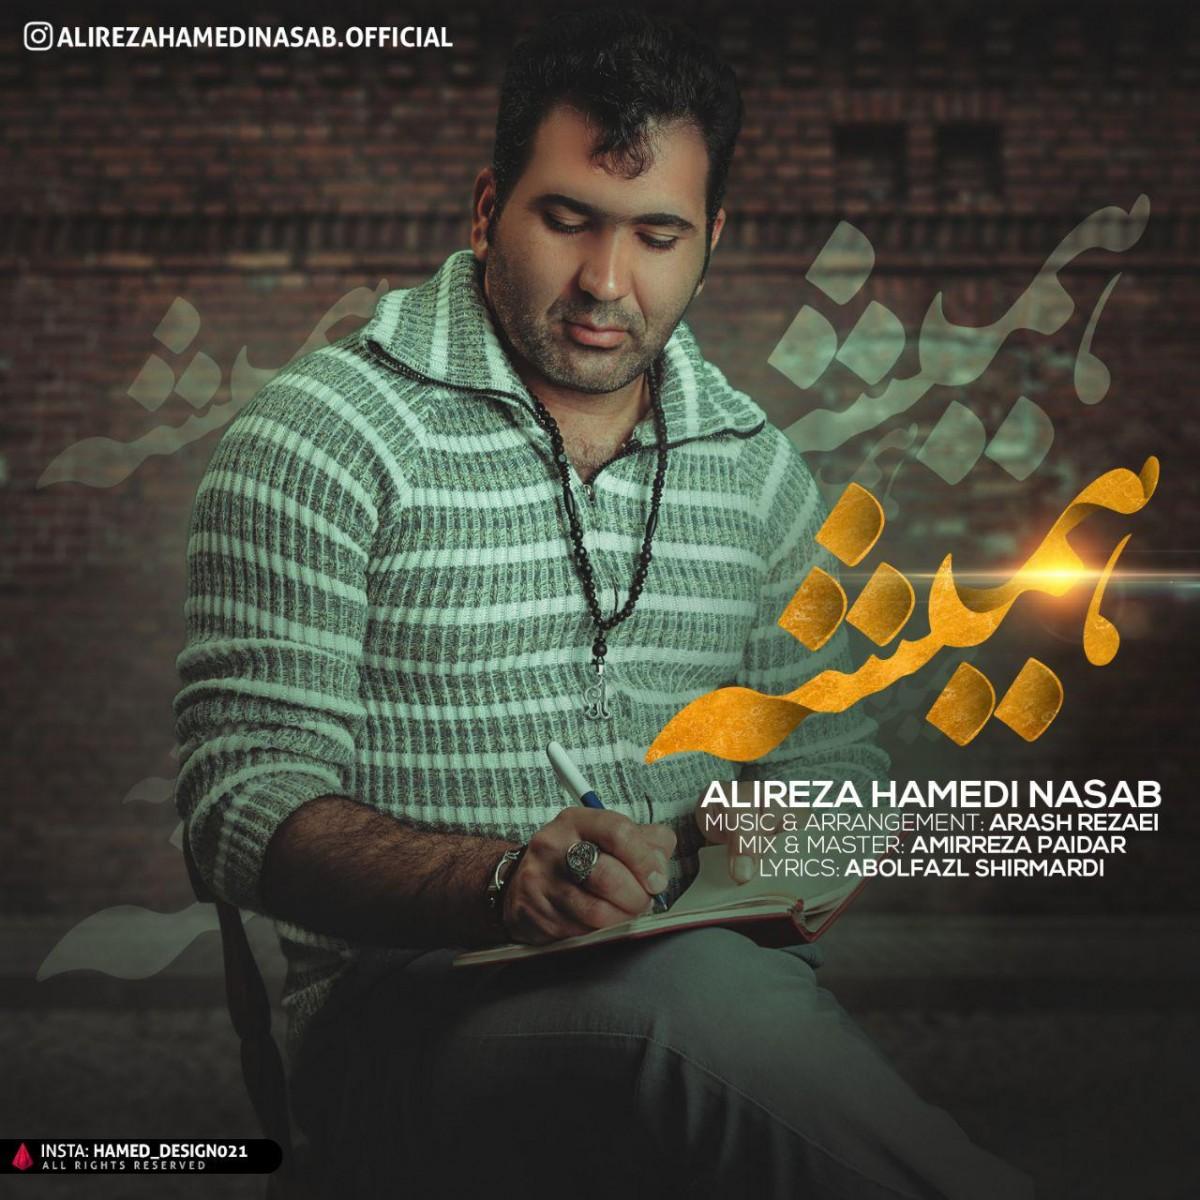 نامبر وان موزیک | دانلود آهنگ جدید Alireza-Hamedi-Nasab-Hamishe